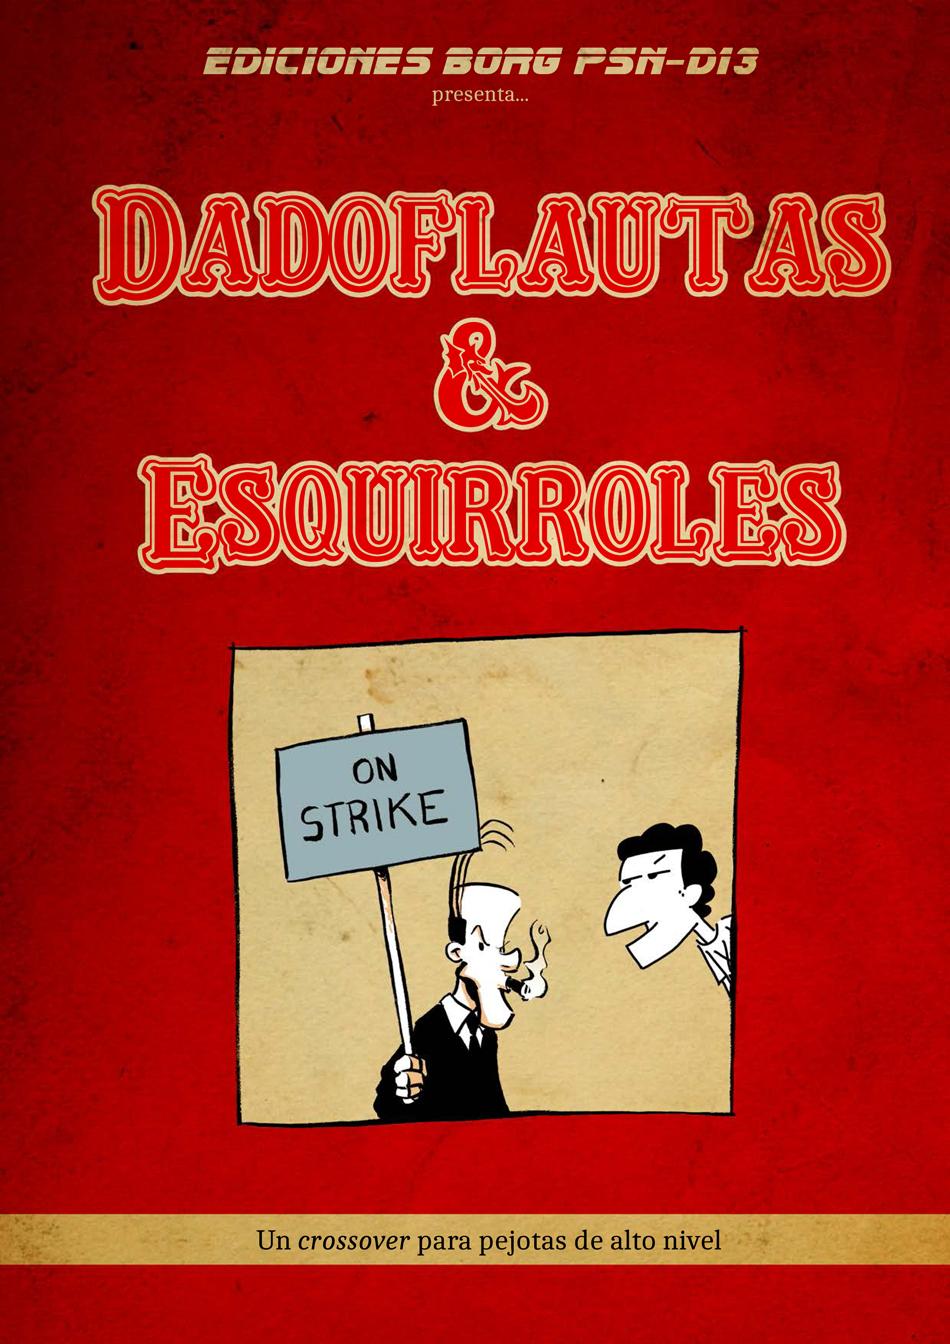 Dadoflautas & Esquirroles